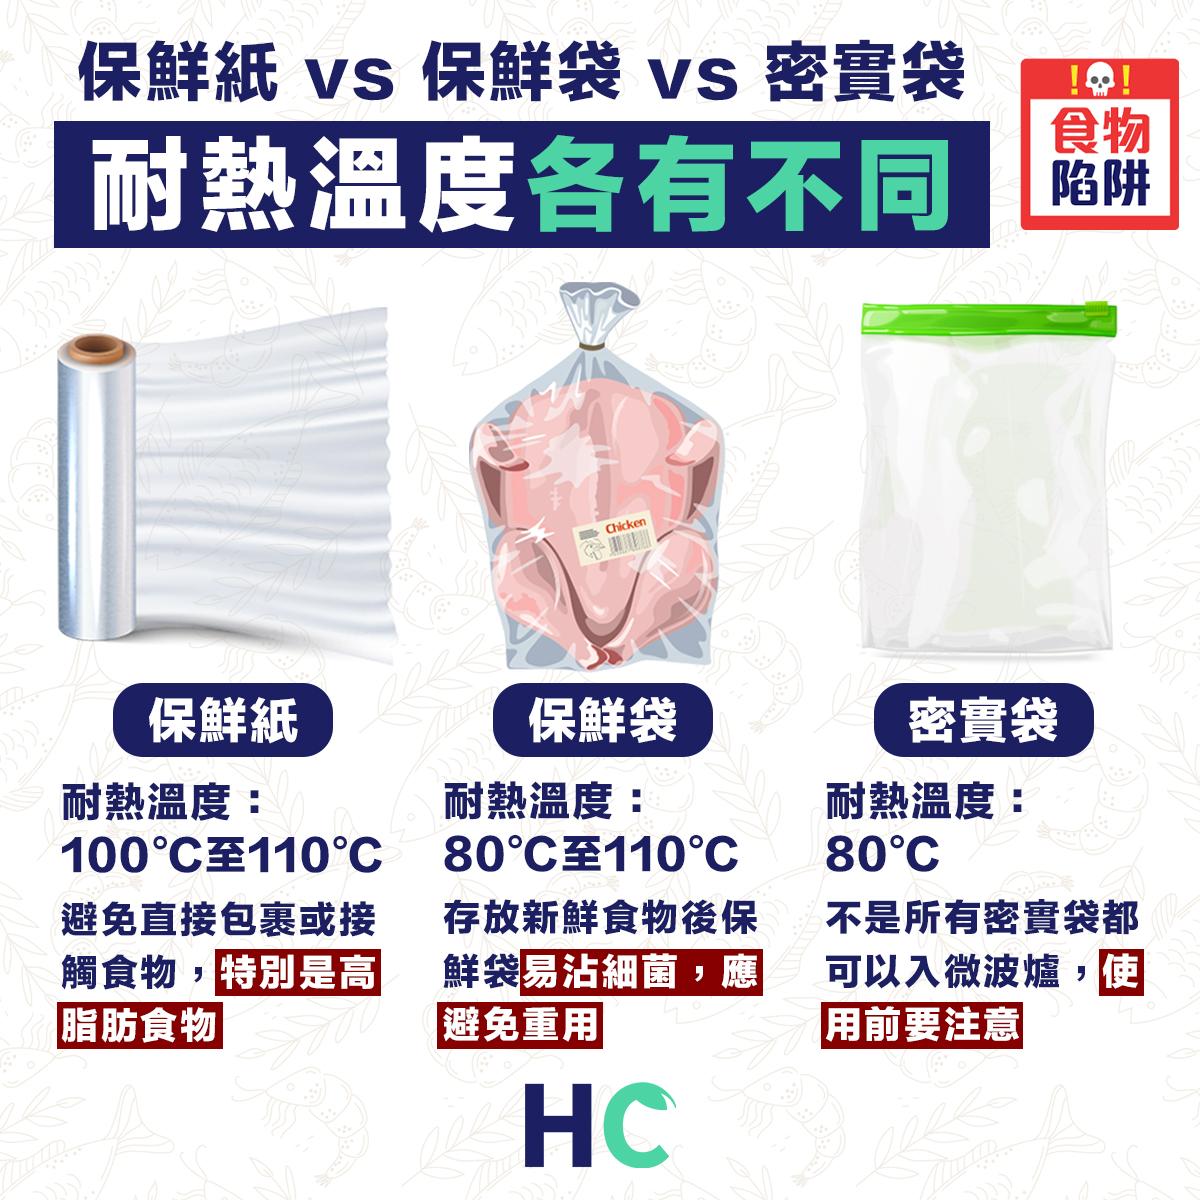 保鮮紙 vs 保鮮袋 vs 密實袋 耐熱溫度各有不同